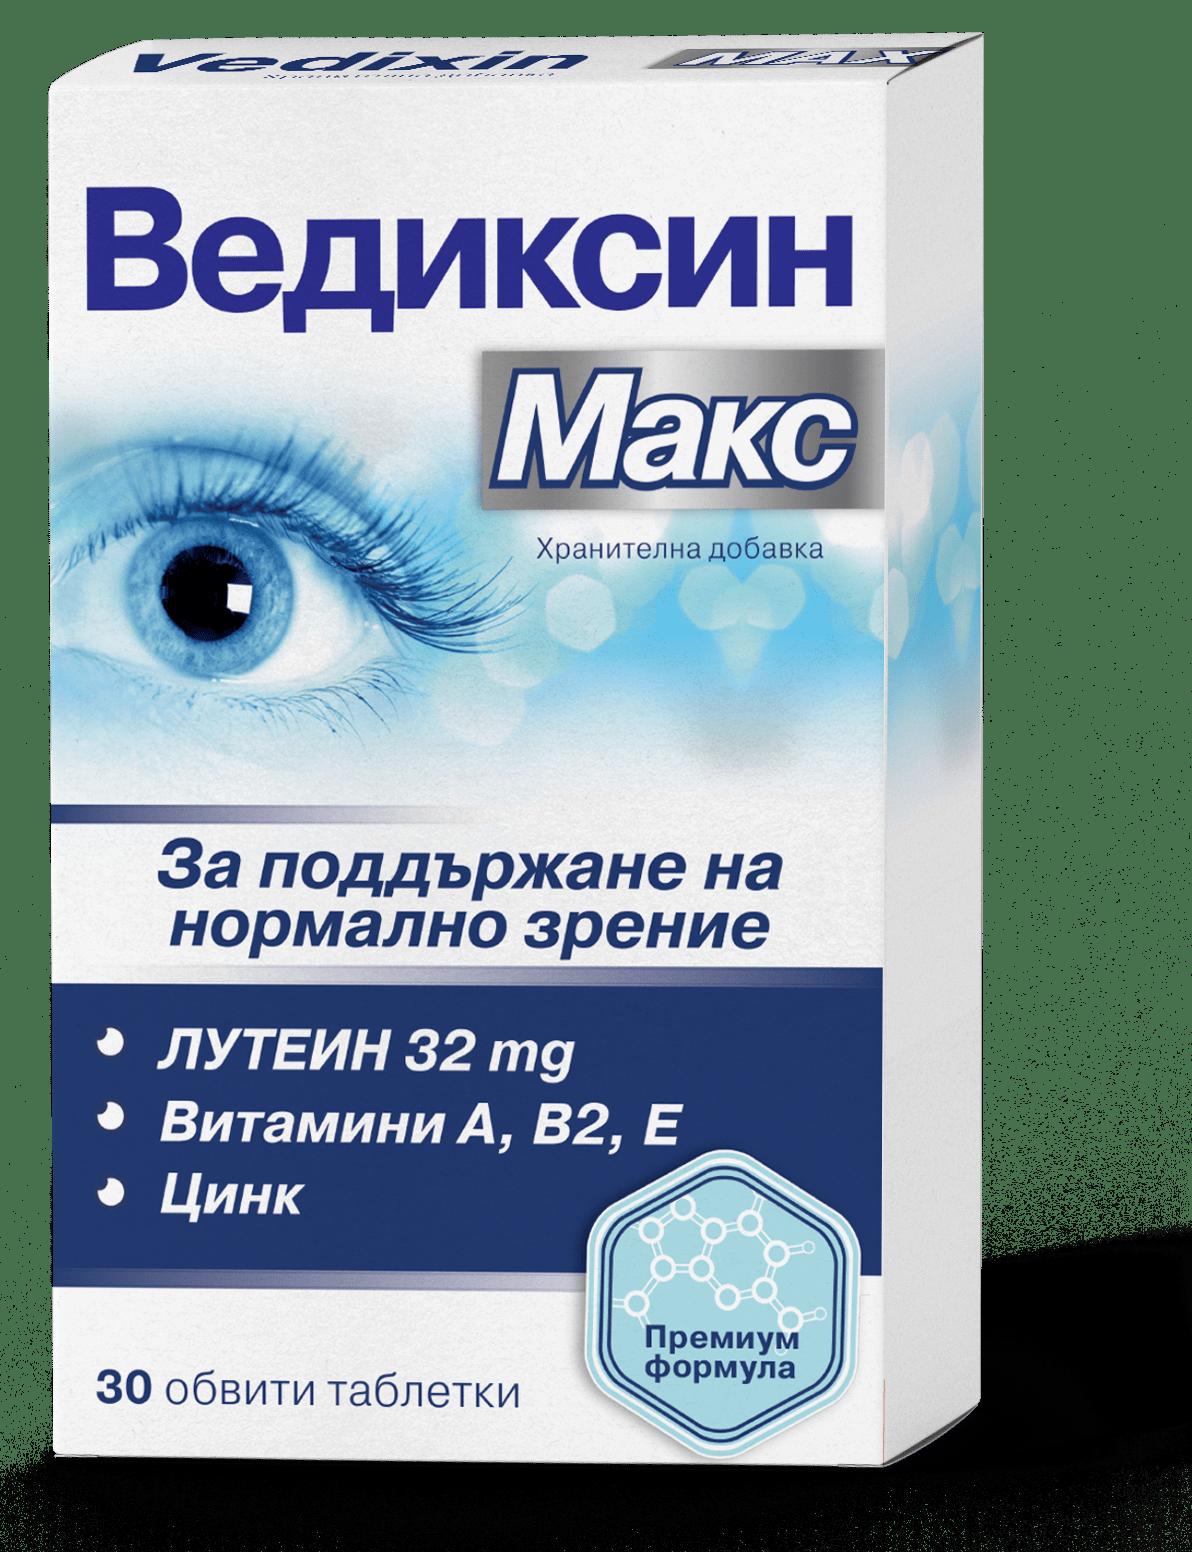 VEDIXIN MAX / ВЕДИКСИН МАКС